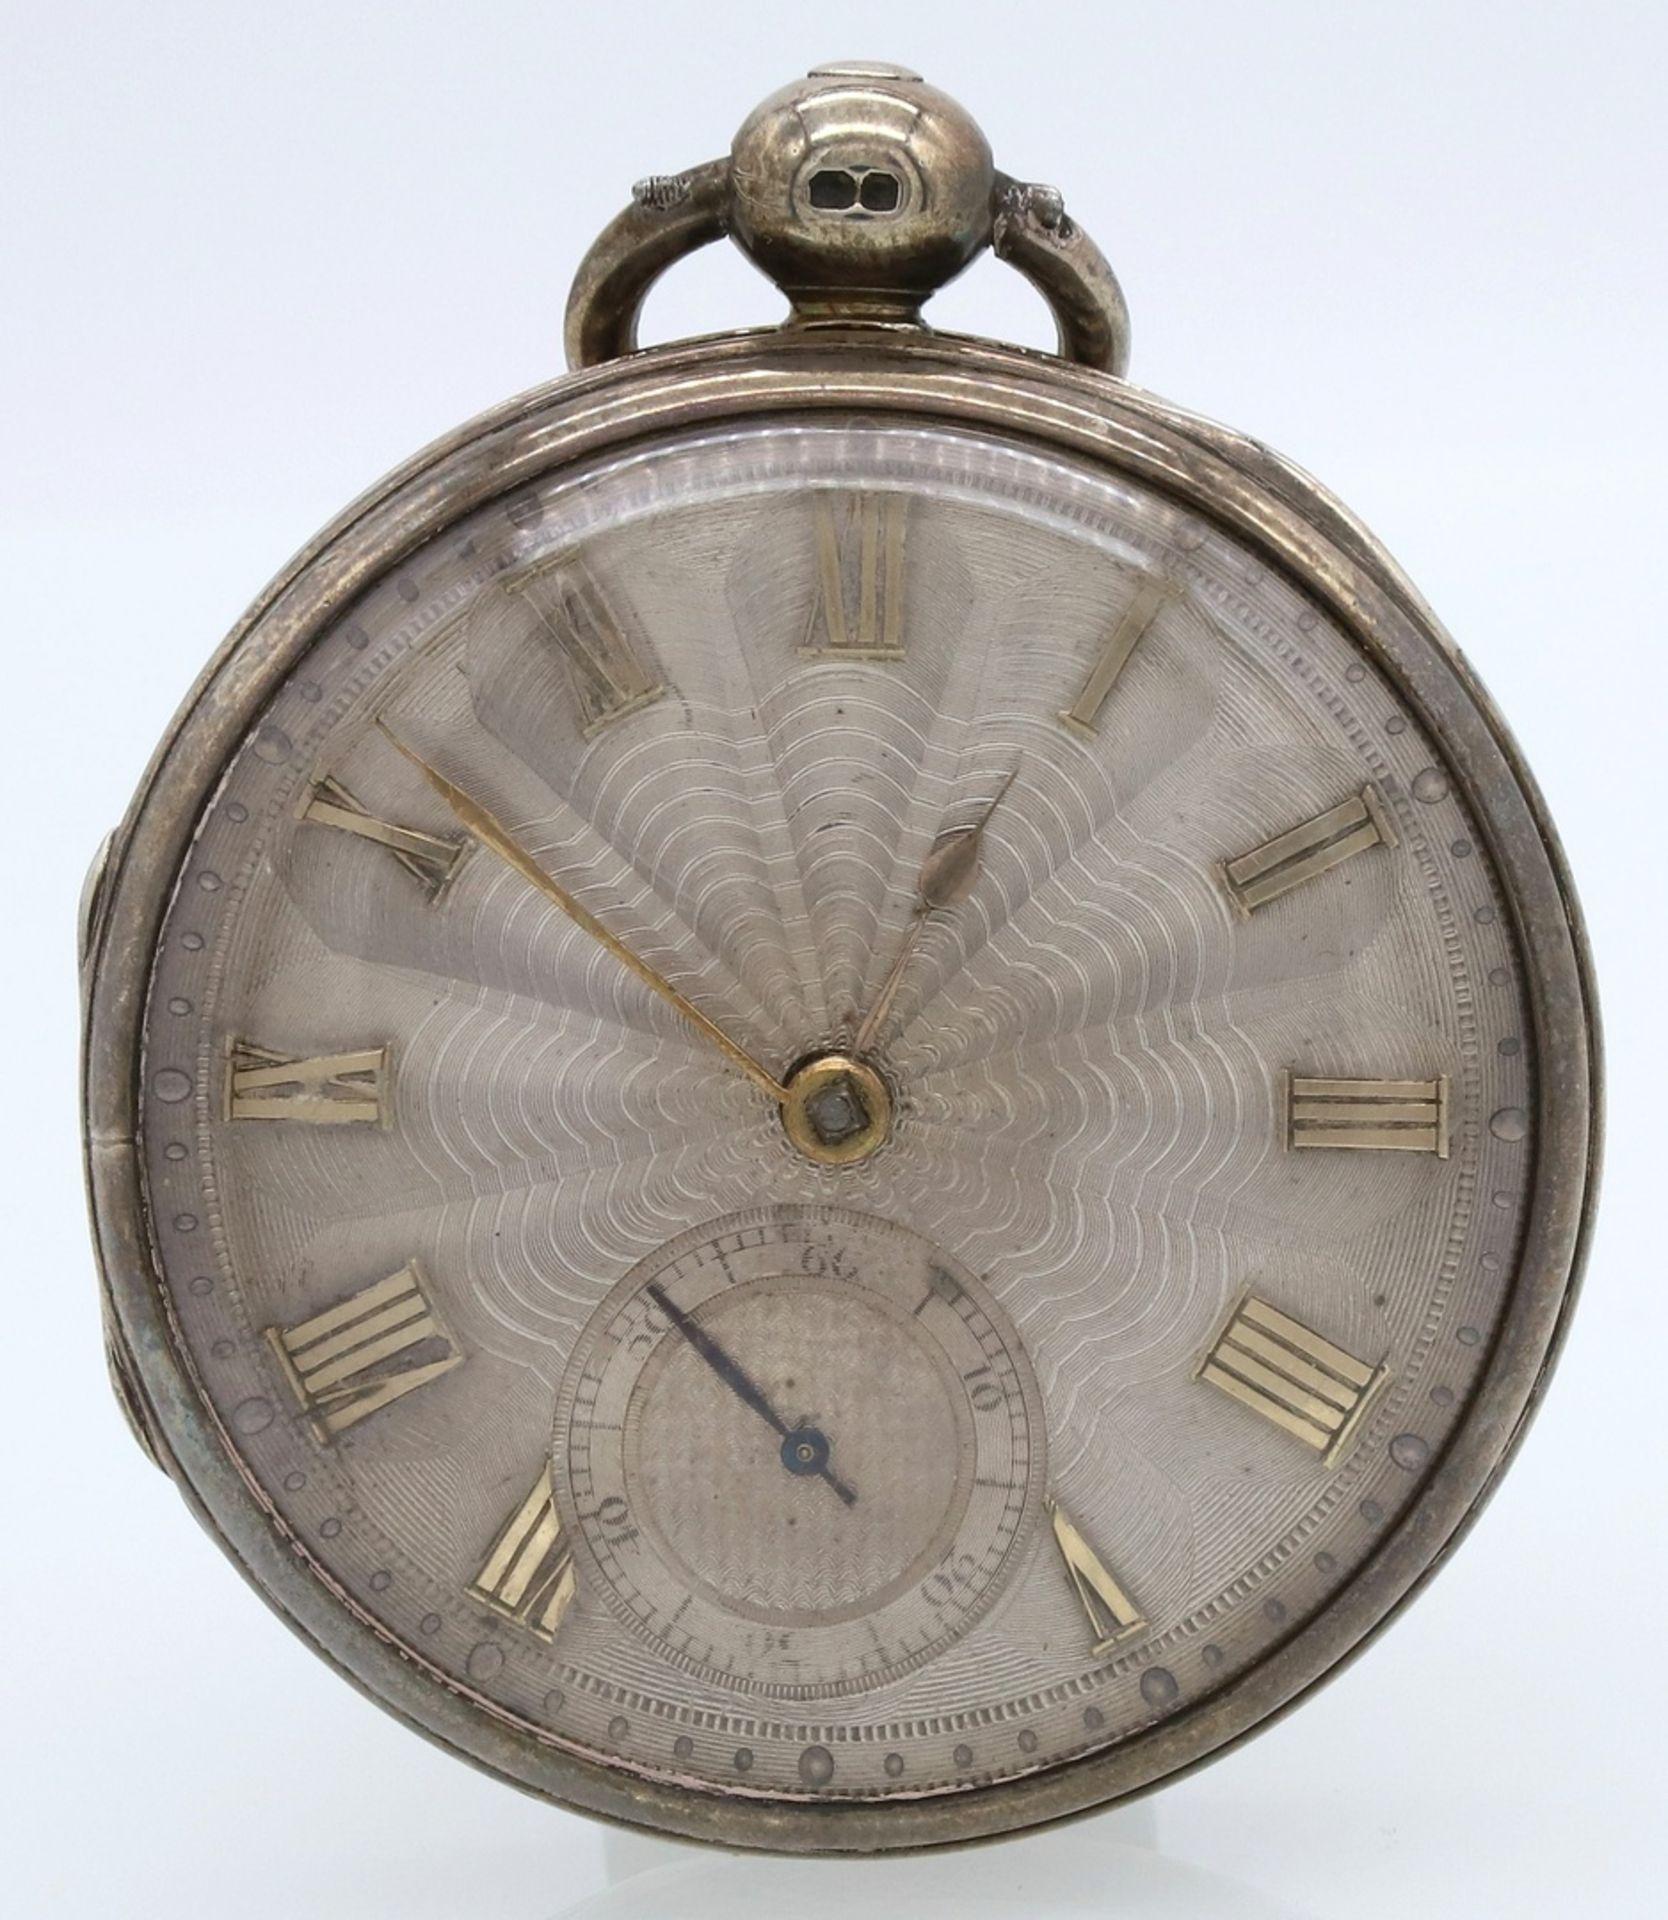 B. Sirrill Hereford englische Spindeltaschenuhr, von 1831 - Bild 2 aus 6